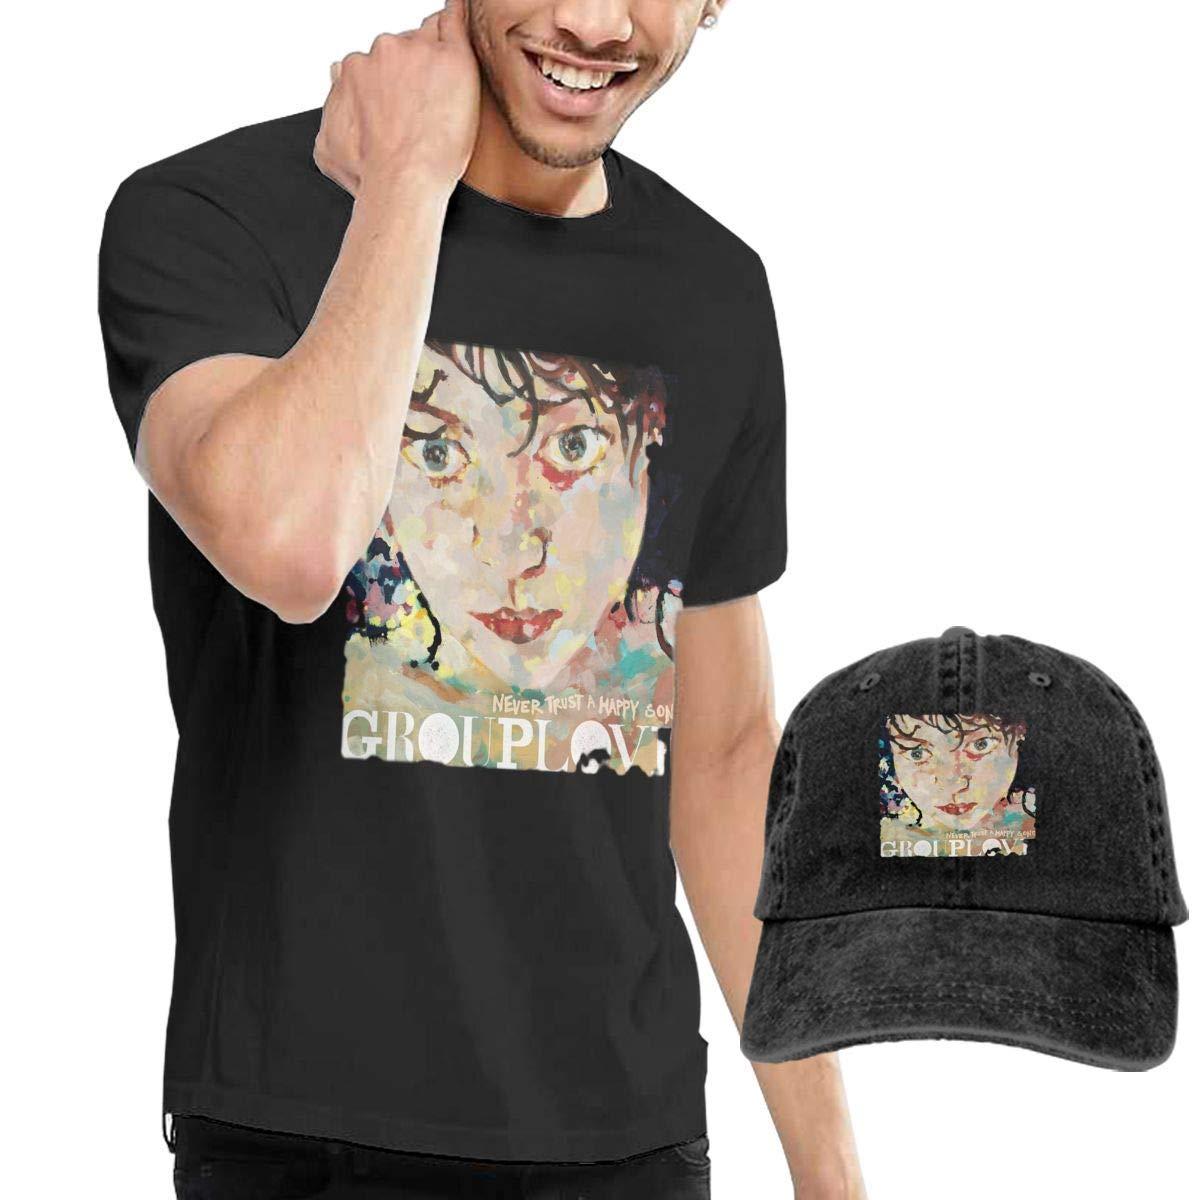 Baostic Camisetas y Tops Hombre Polos y Camisas, Mens Grouplove ...